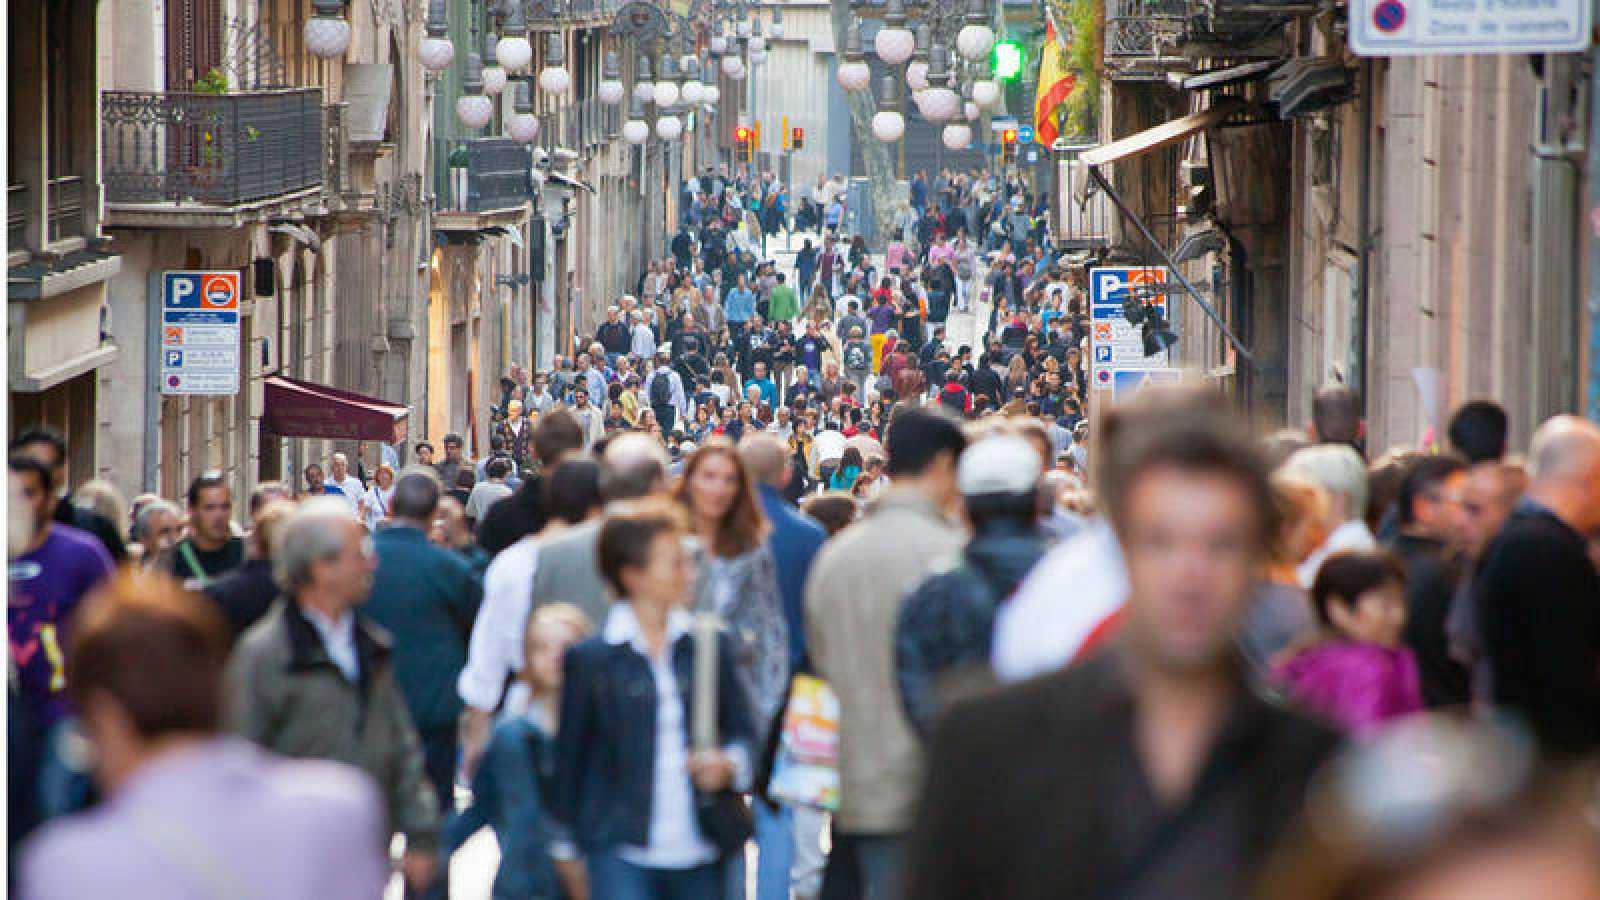 La población española roza los 47 millones gracias a la llegada de inmigrantes